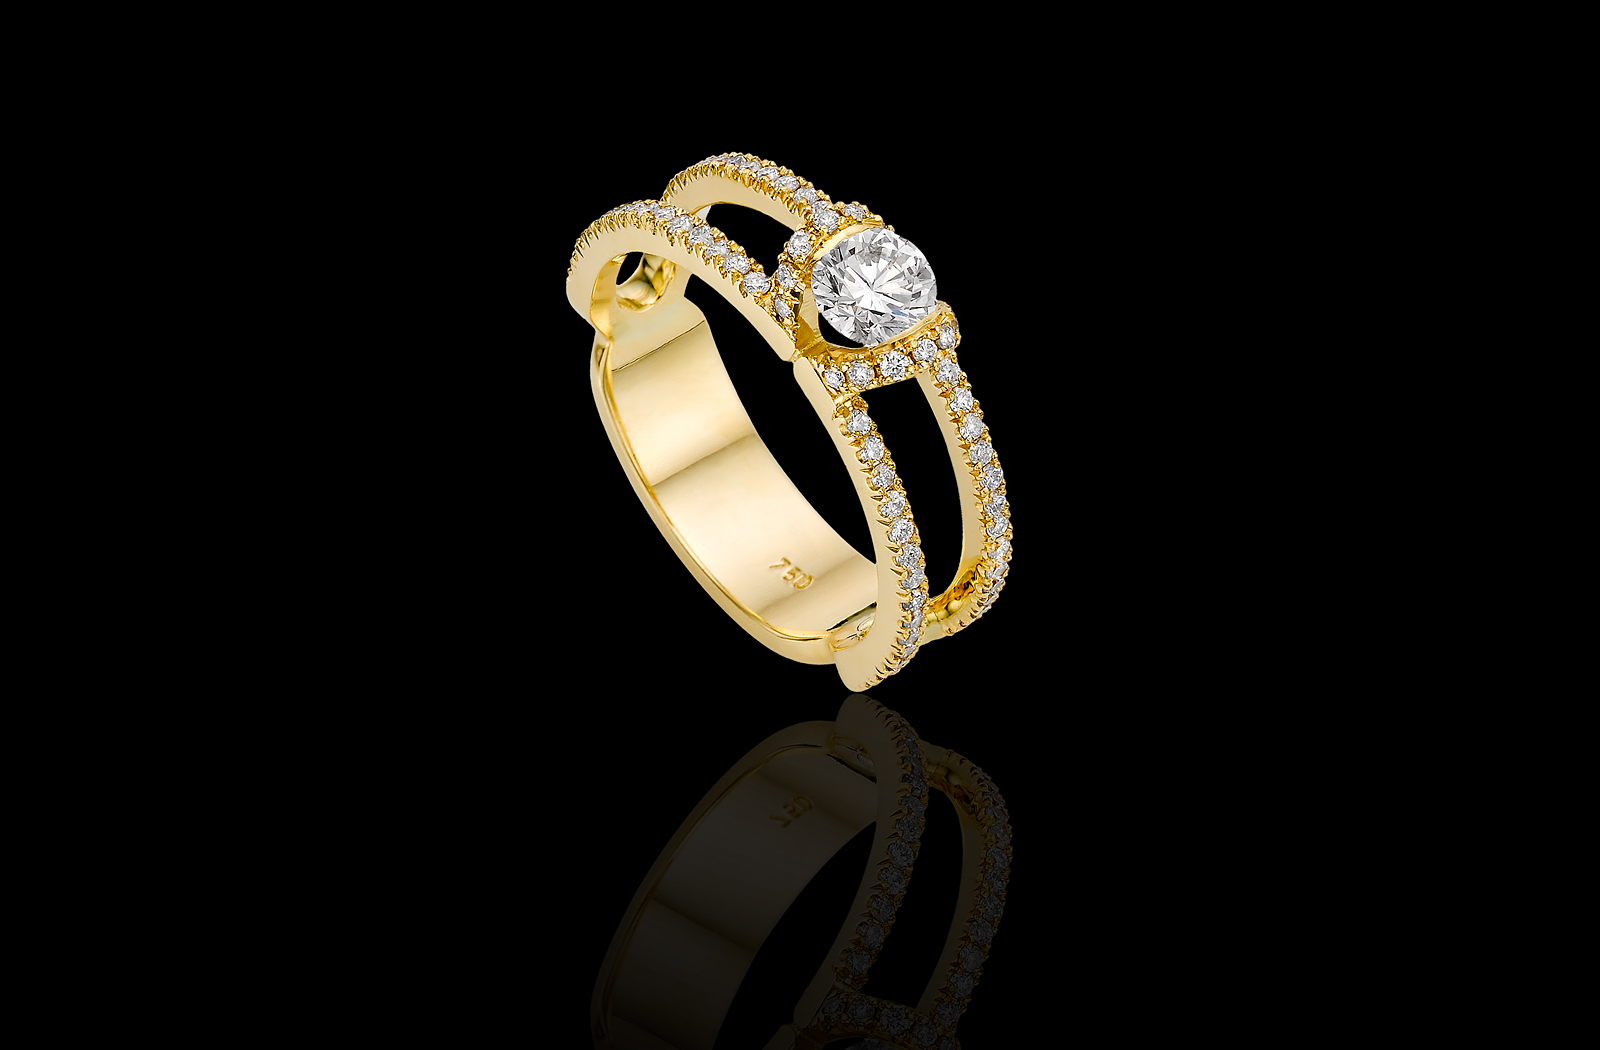 טבעת בזהב צהוב 18K משובצת יהלום מרכזי ומעוטרת יהלומים סביב